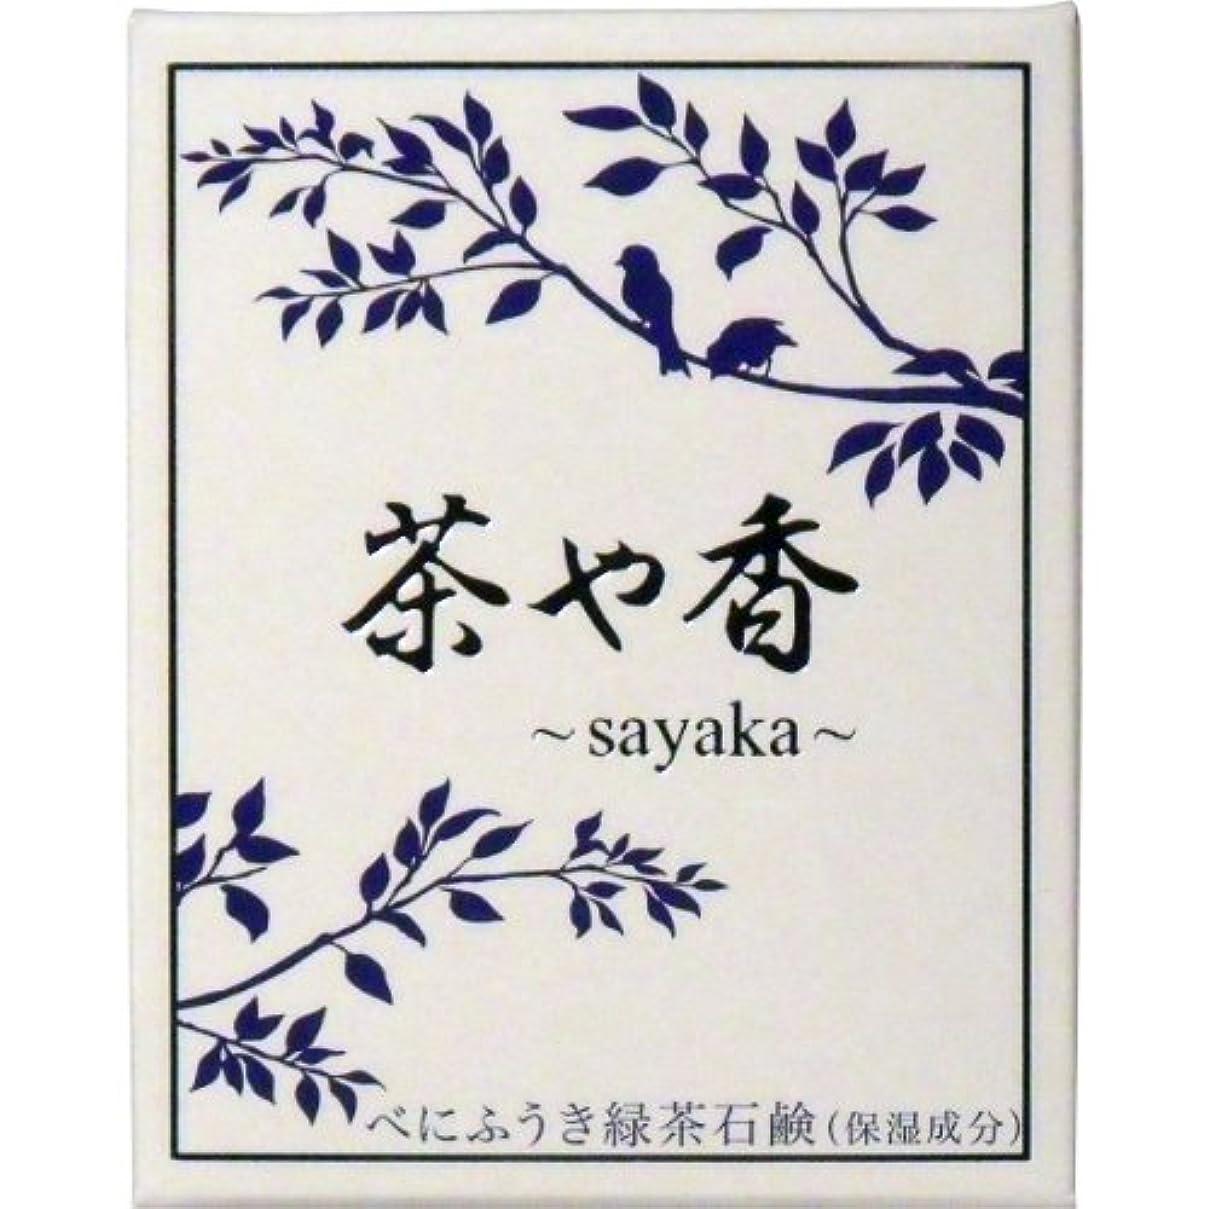 真剣に石鹸静けさ進製作所 べにふうき緑茶石鹸 茶や香~sayaka~ 100g